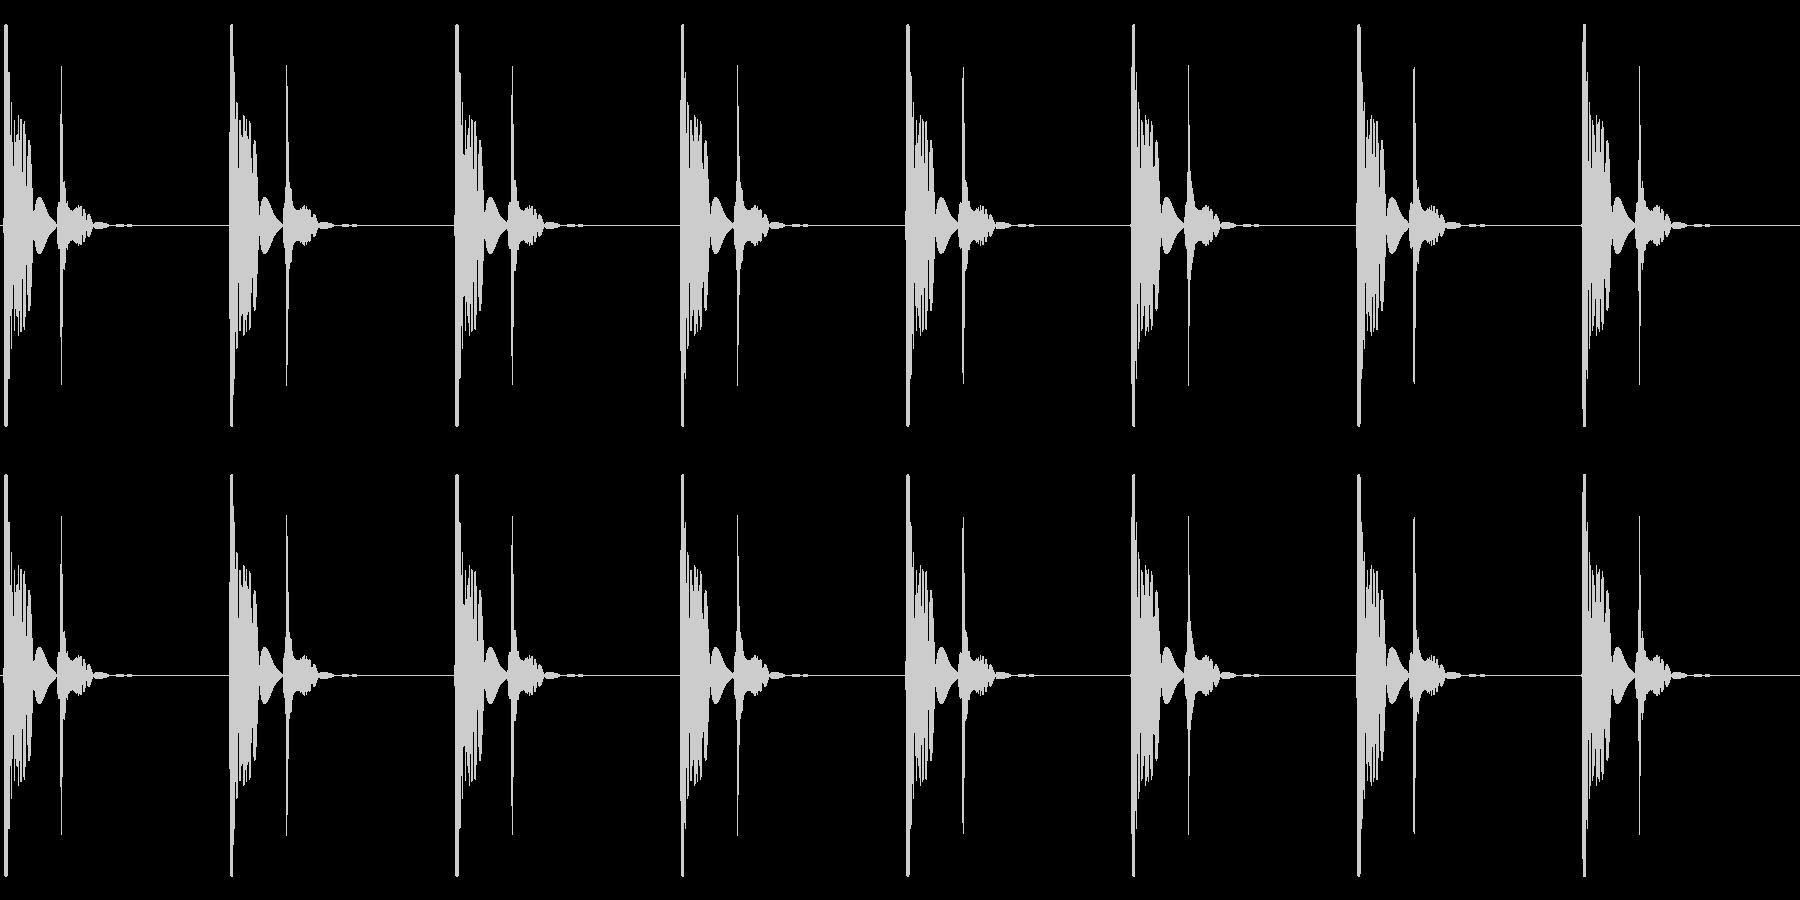 心臓の鼓動_上昇_心拍数72の未再生の波形